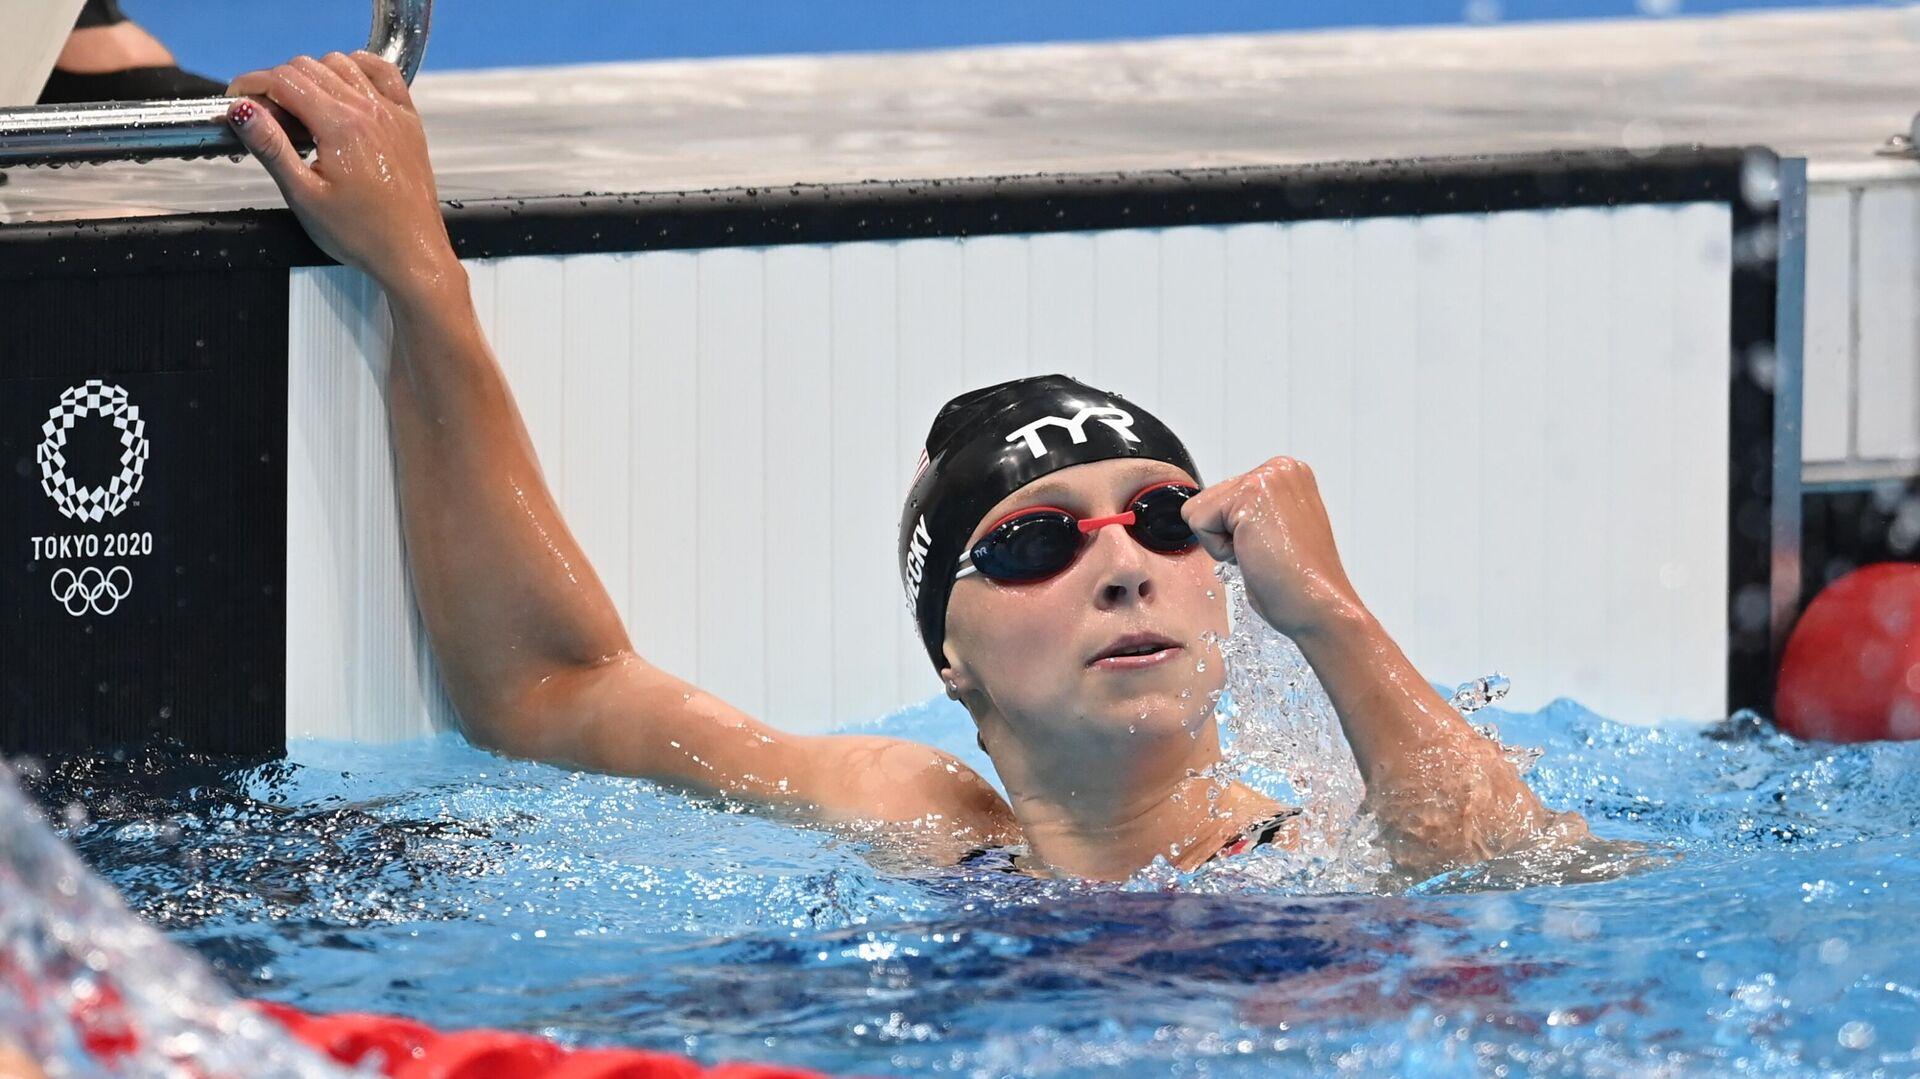 Кэти Ледеки (США) после финиша в финальном заплыве на 200 метров фристайлом среди женщин на XXXII летних Олимпийских играх. - РИА Новости, 1920, 28.07.2021